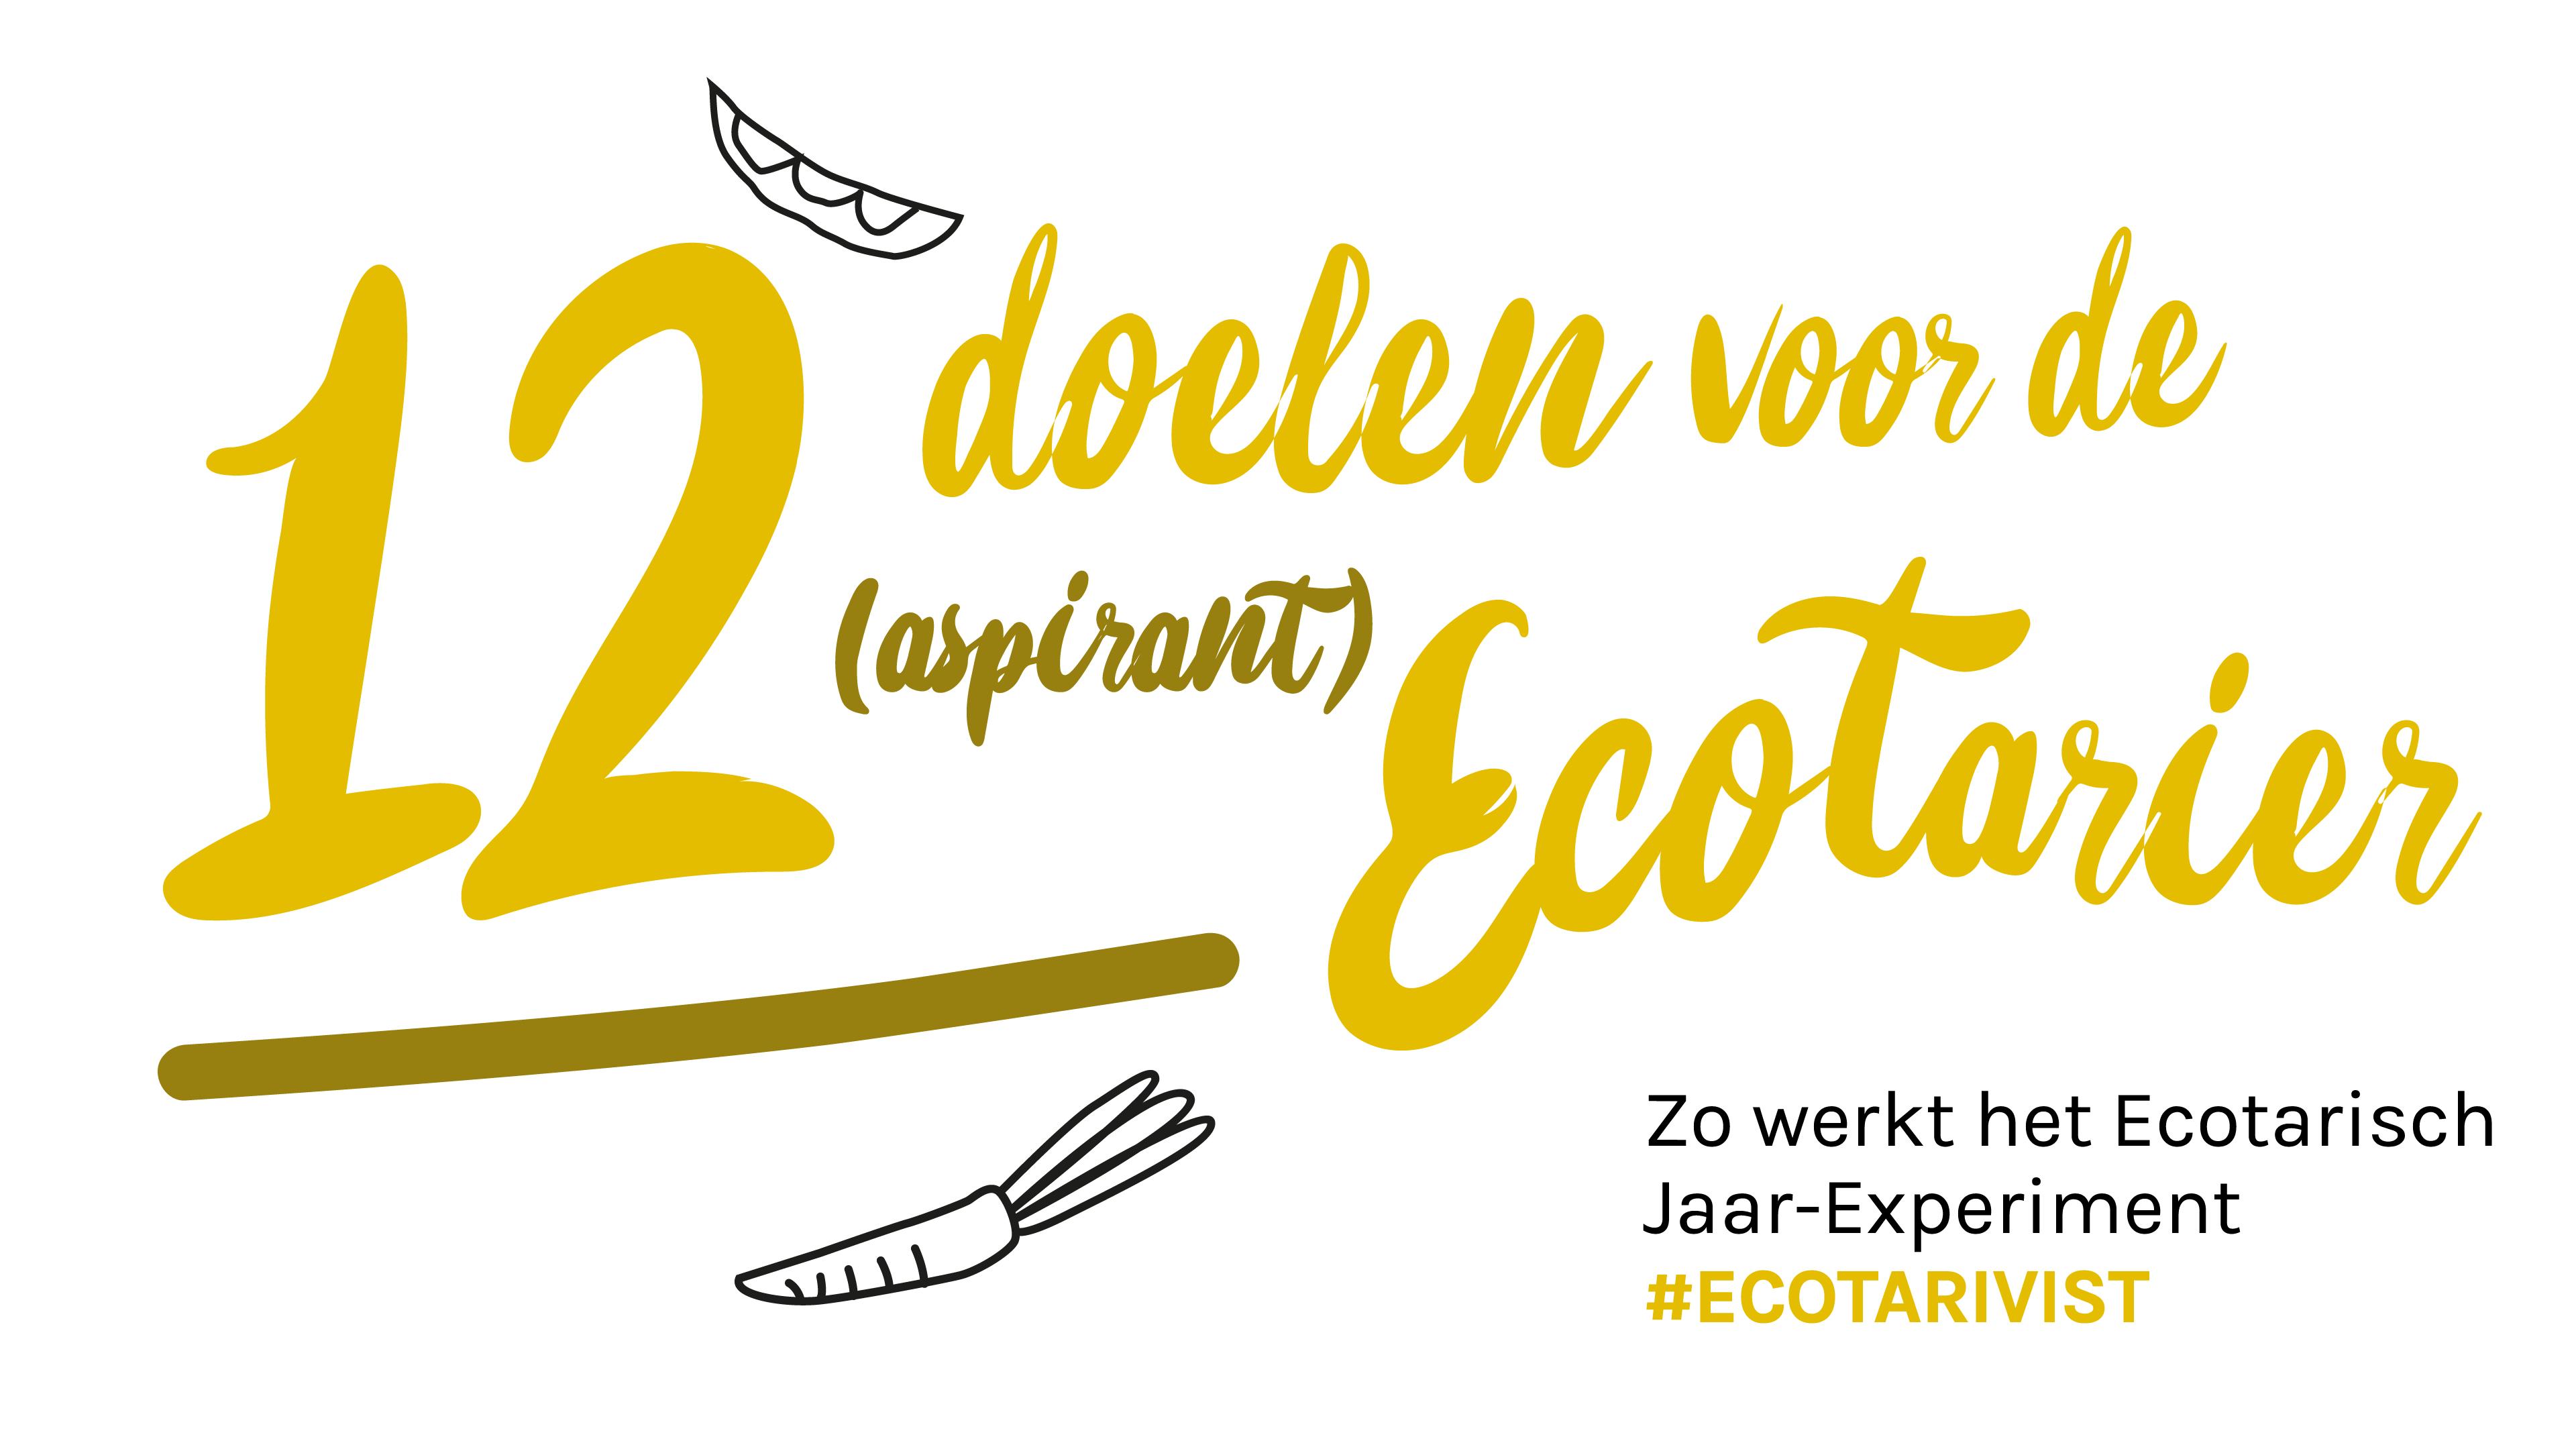 Ecotarisch Jaar-Experiment-Kick-offTekengebied 10@2x